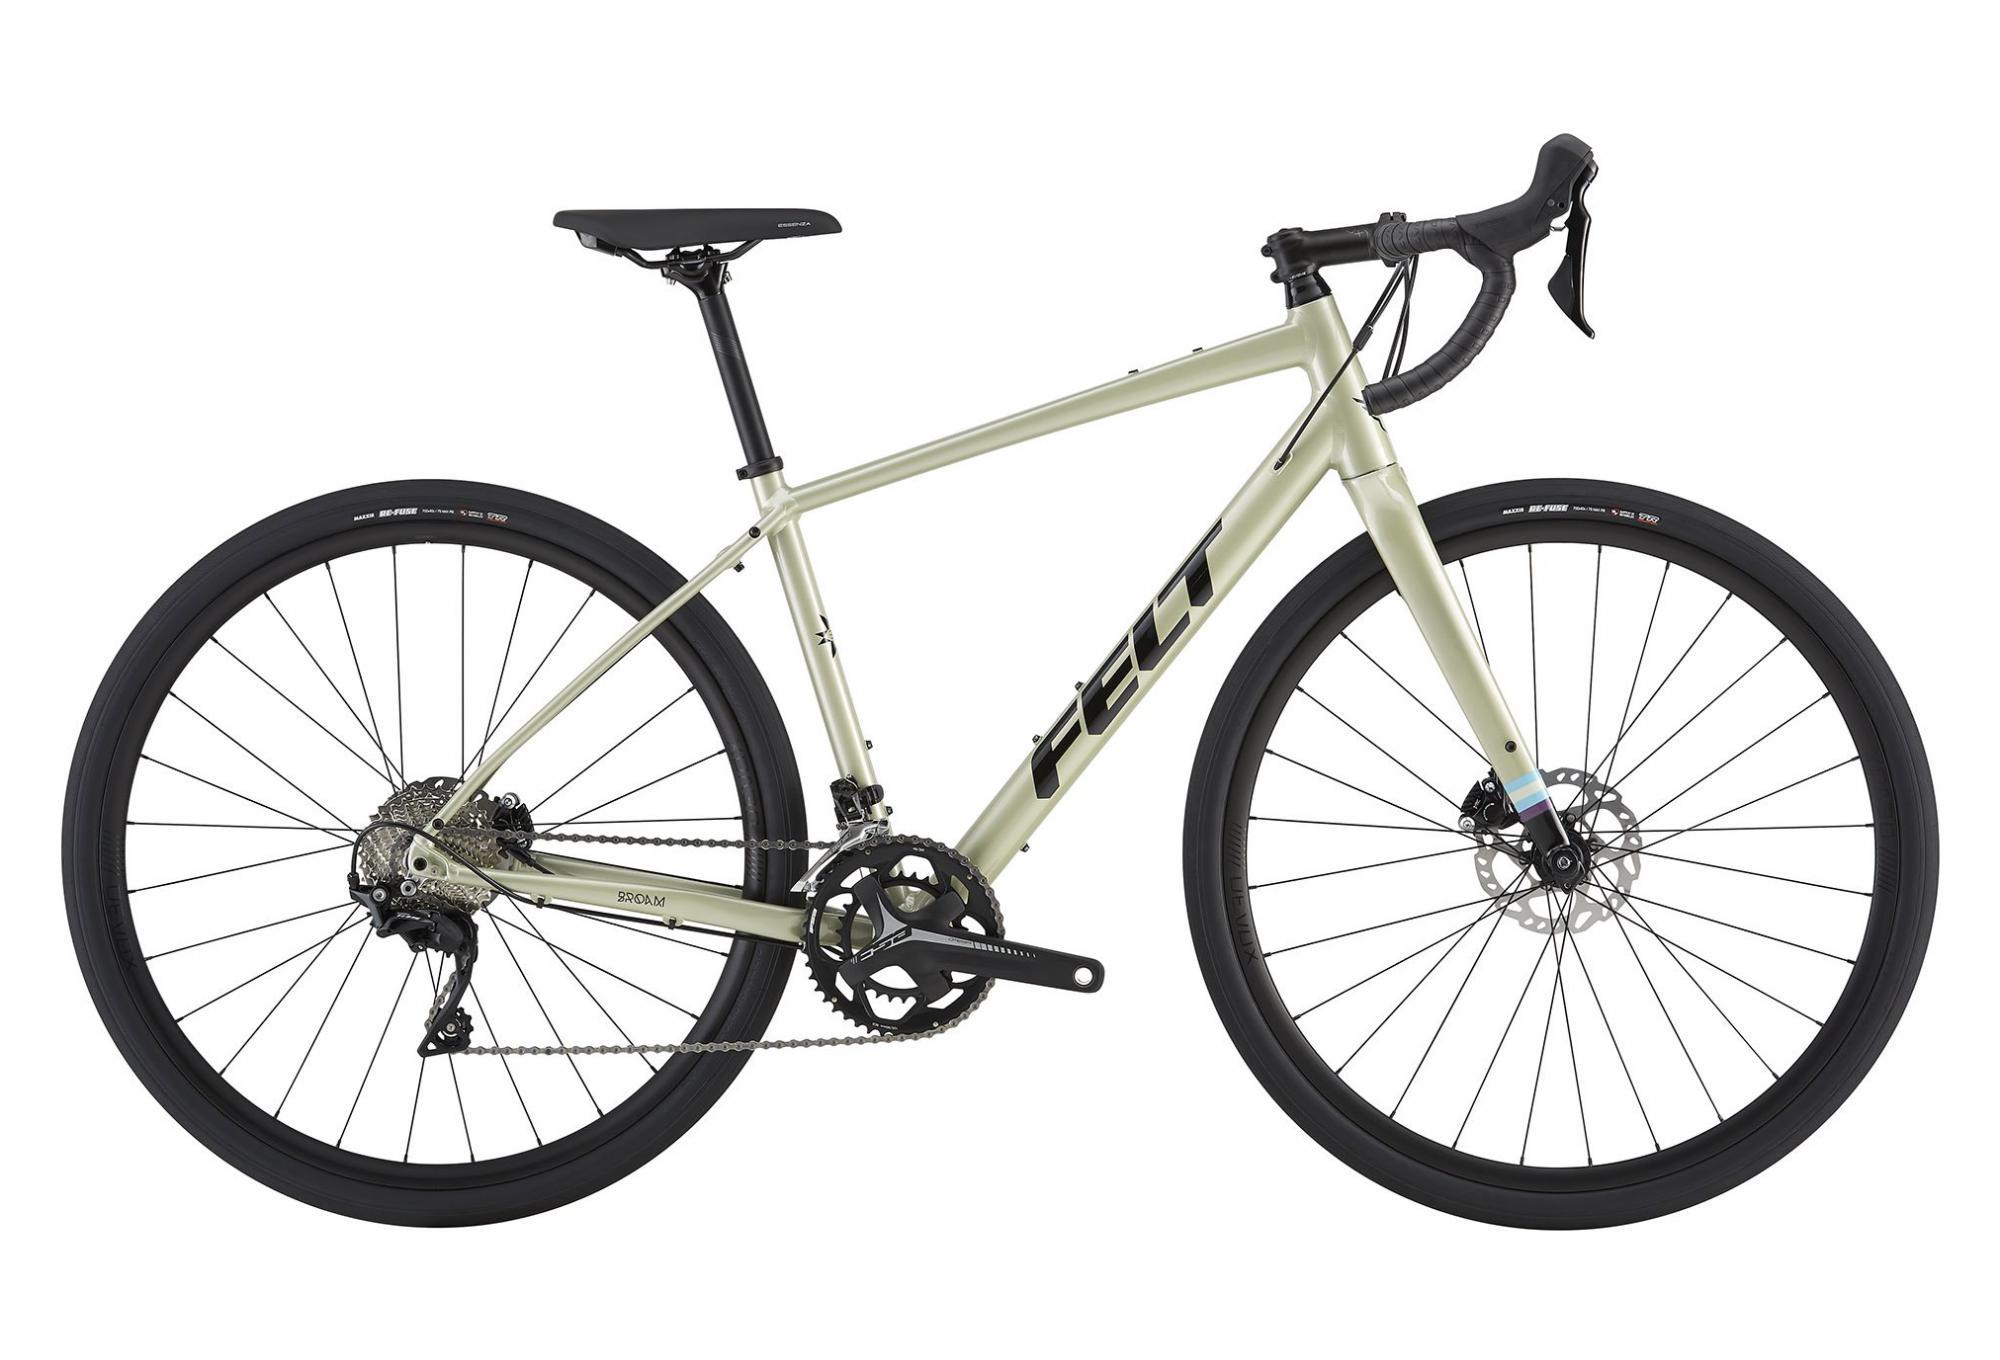 felt gravel bike broam 30 shimano 105 11s green black. Black Bedroom Furniture Sets. Home Design Ideas